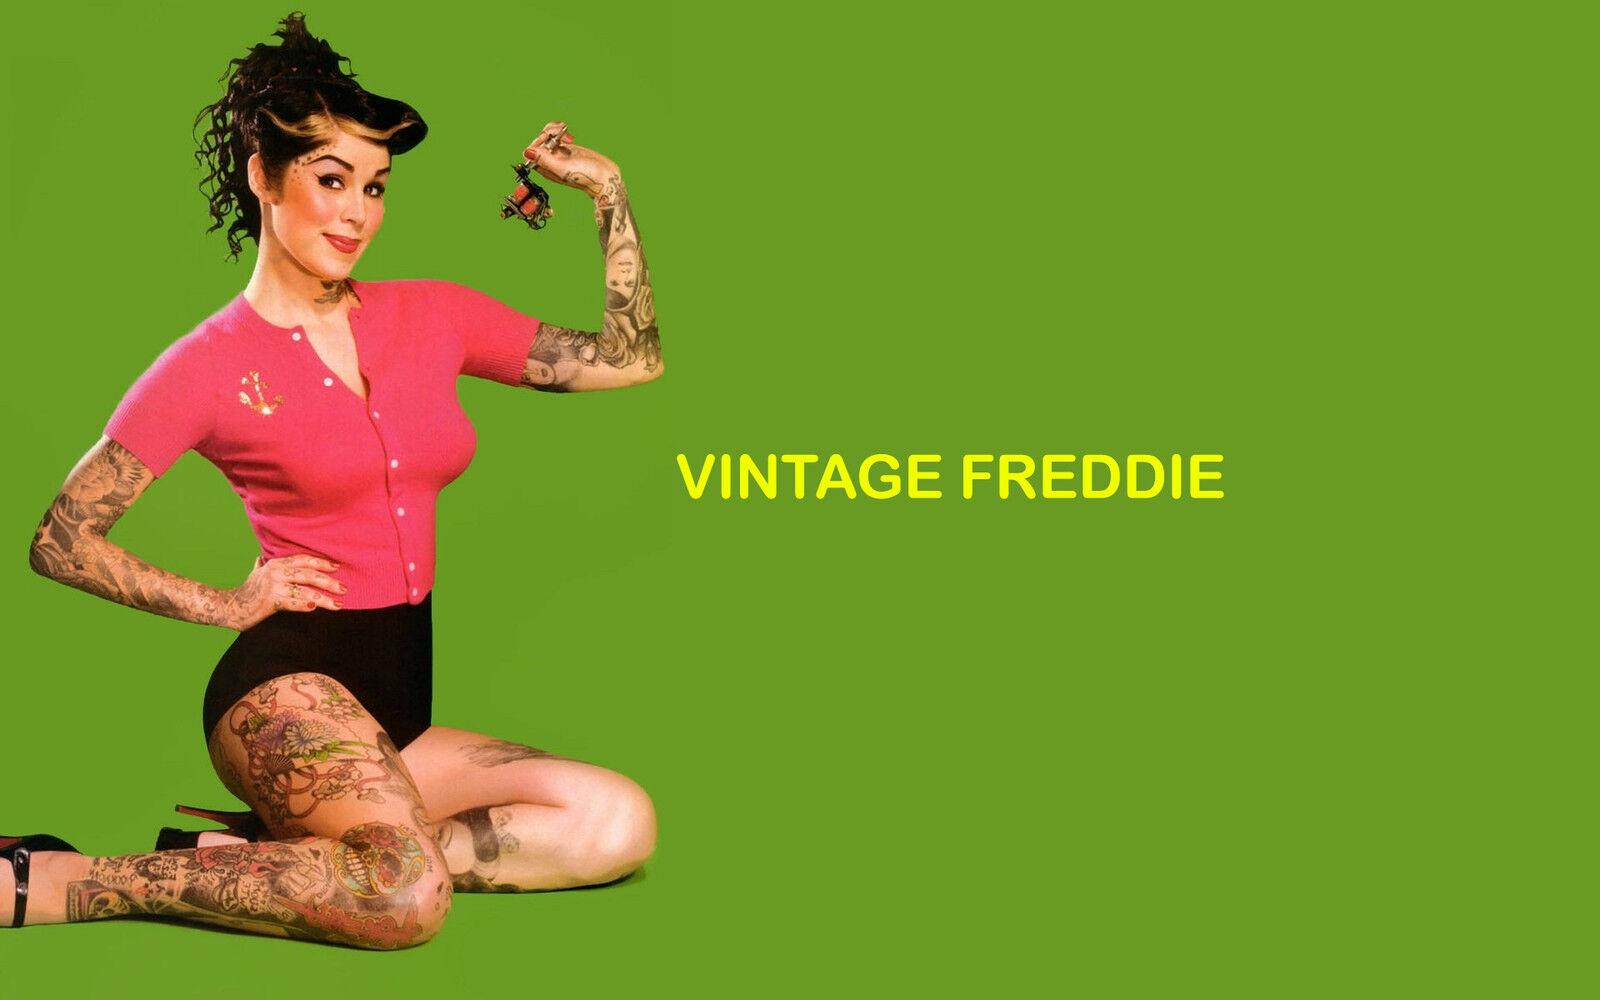 Vintage Freddie